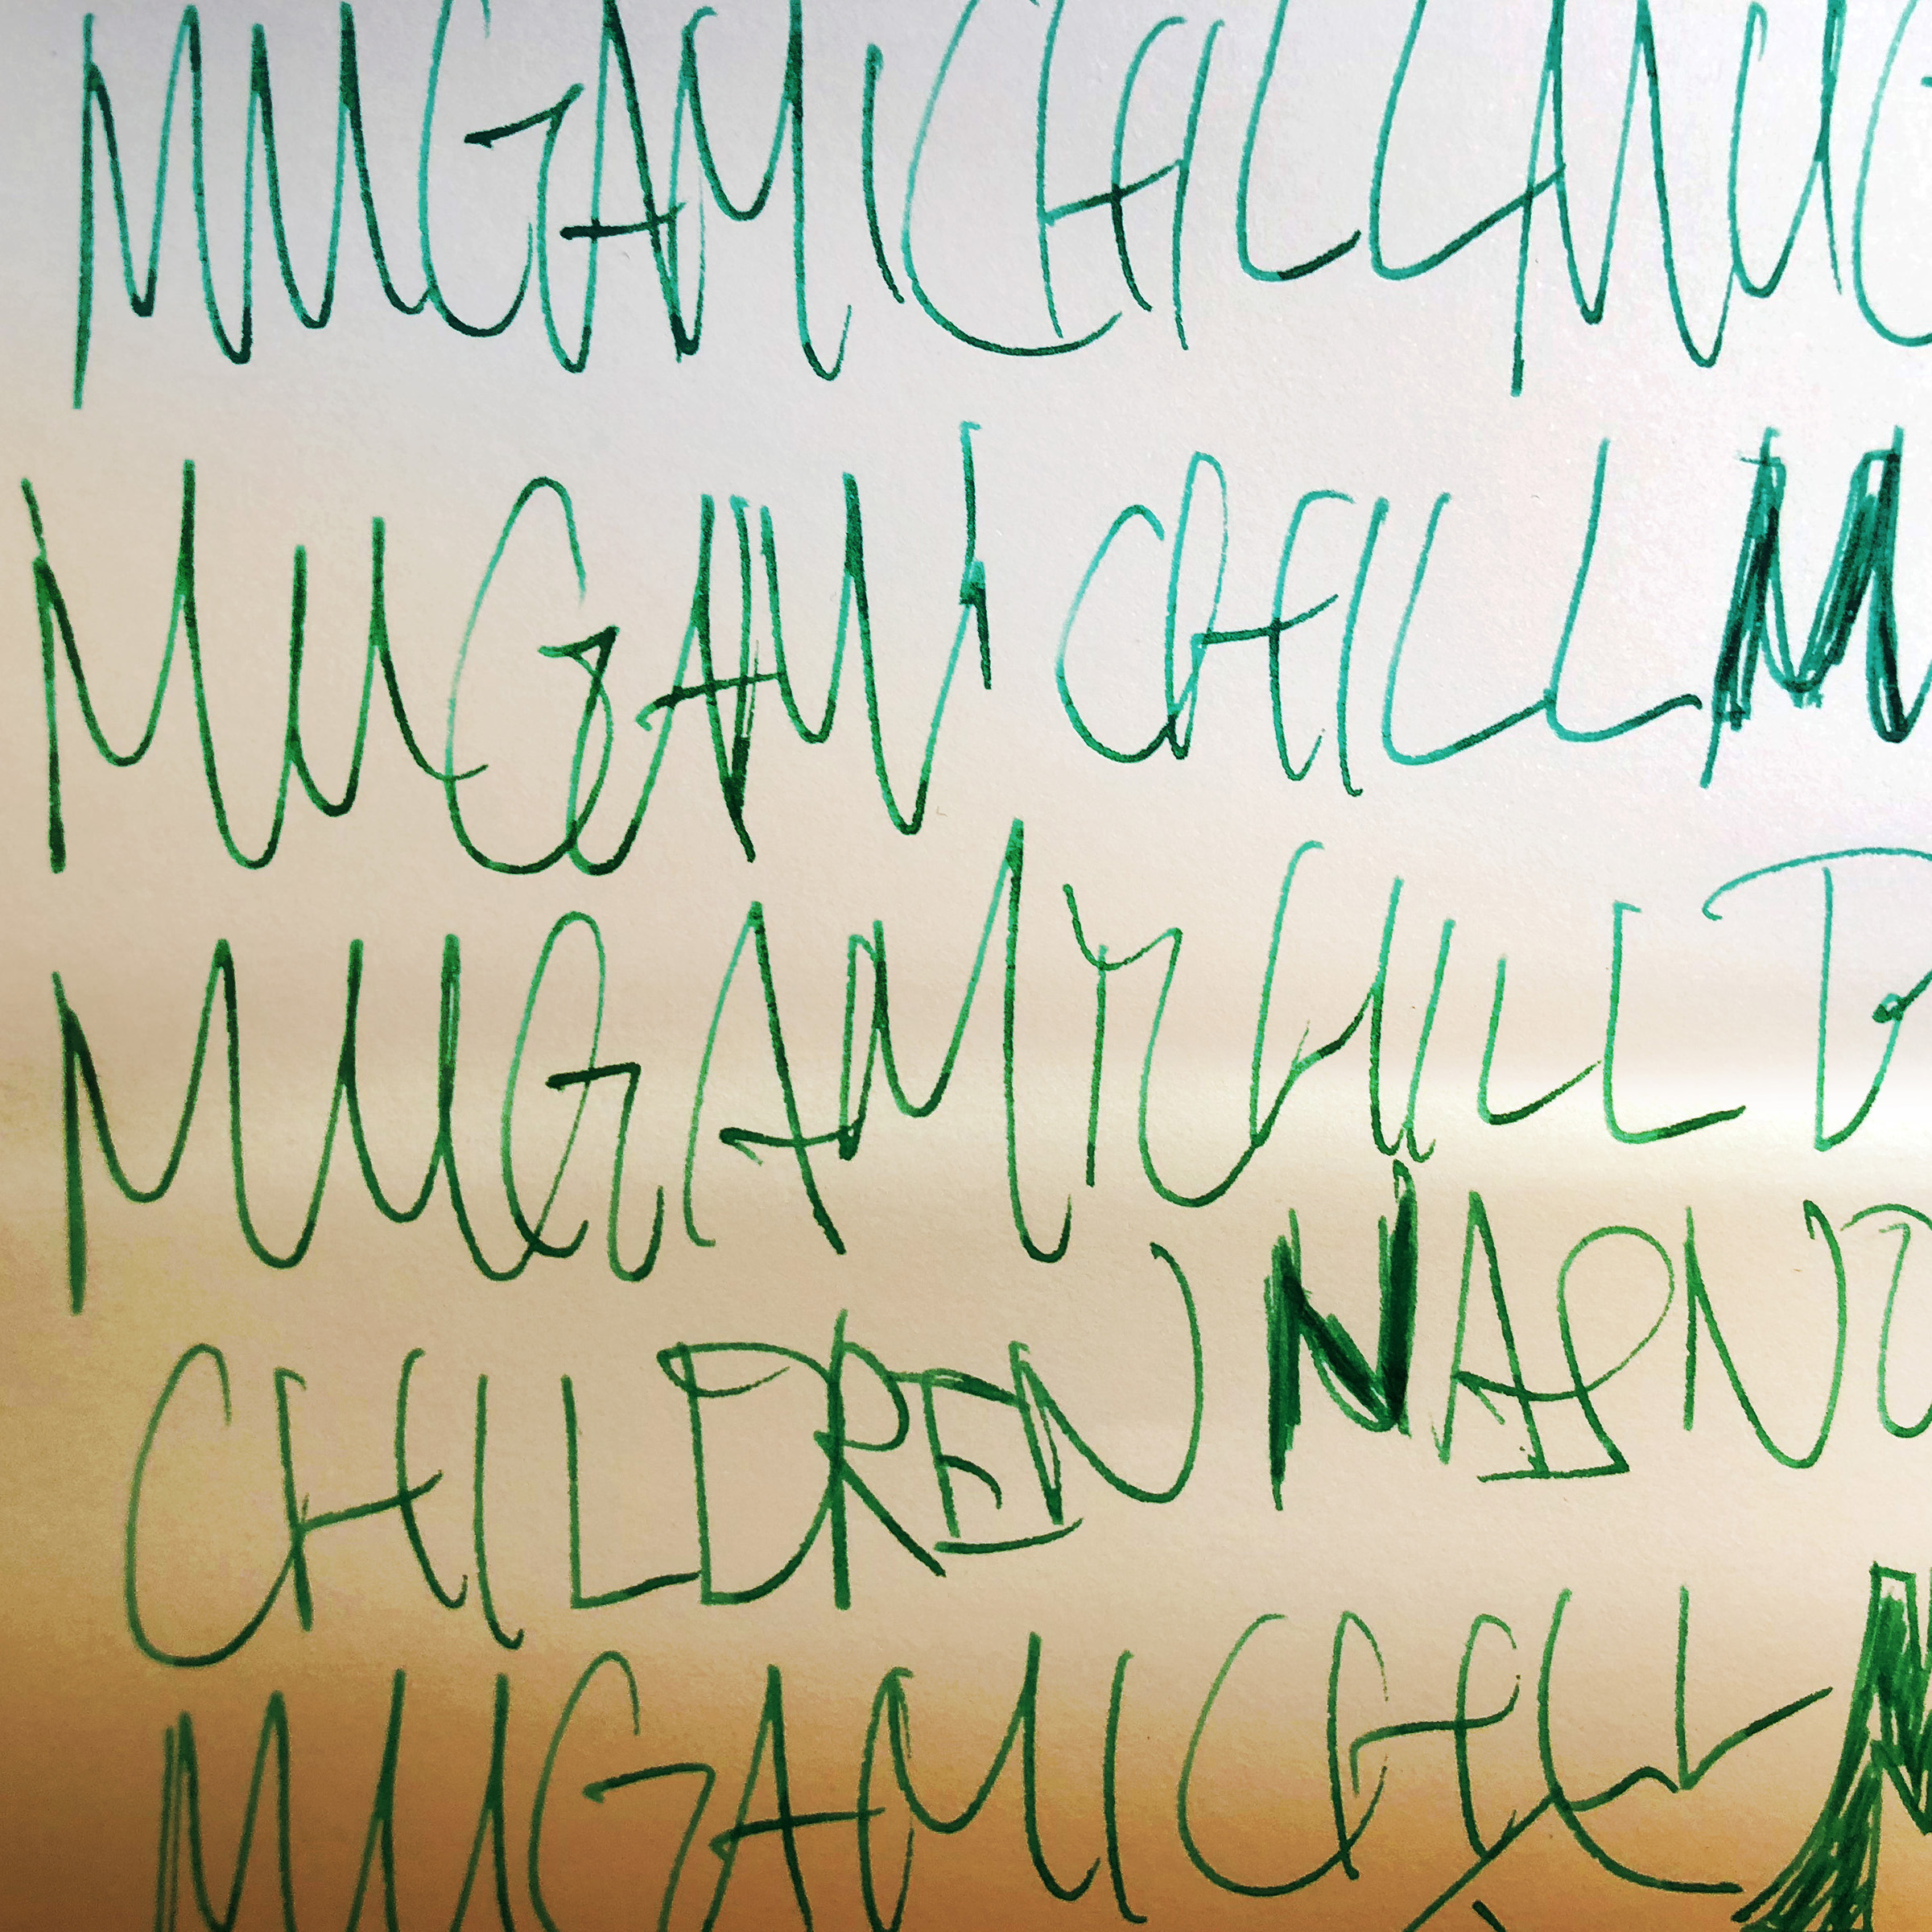 MUGAMICHILDREN-SQ